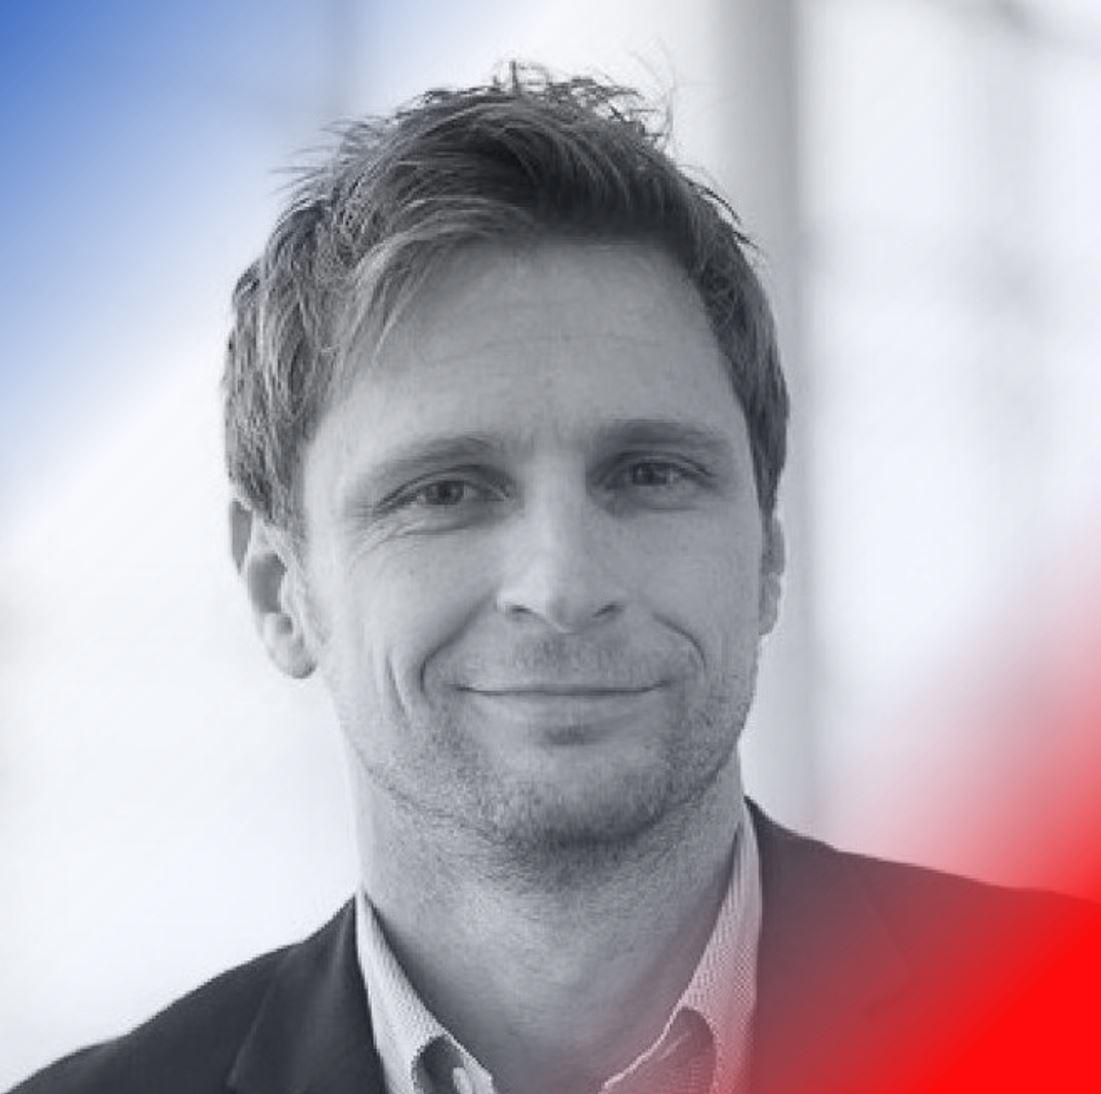 Luke Bujarski - Founder, Managing Director